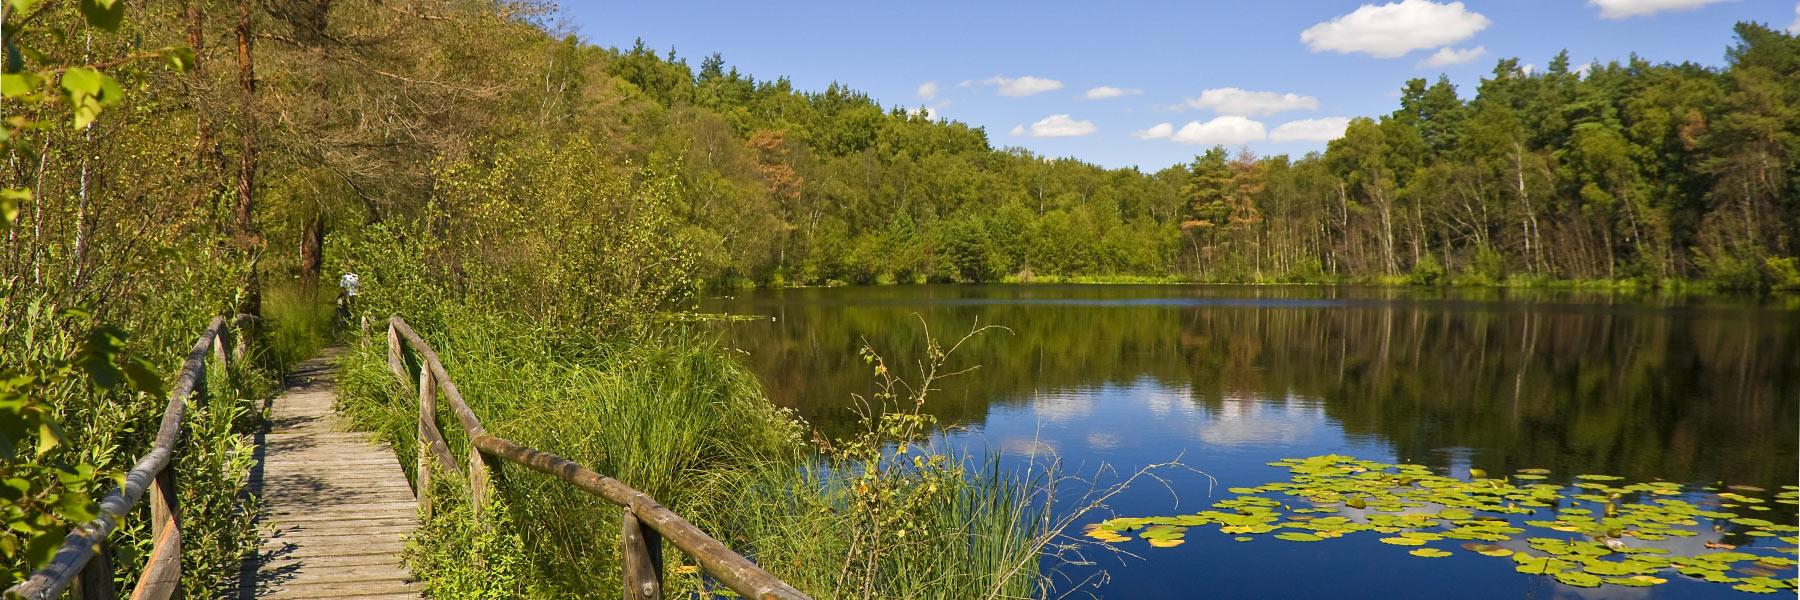 Wanderweg - Müritz-Nationalpark